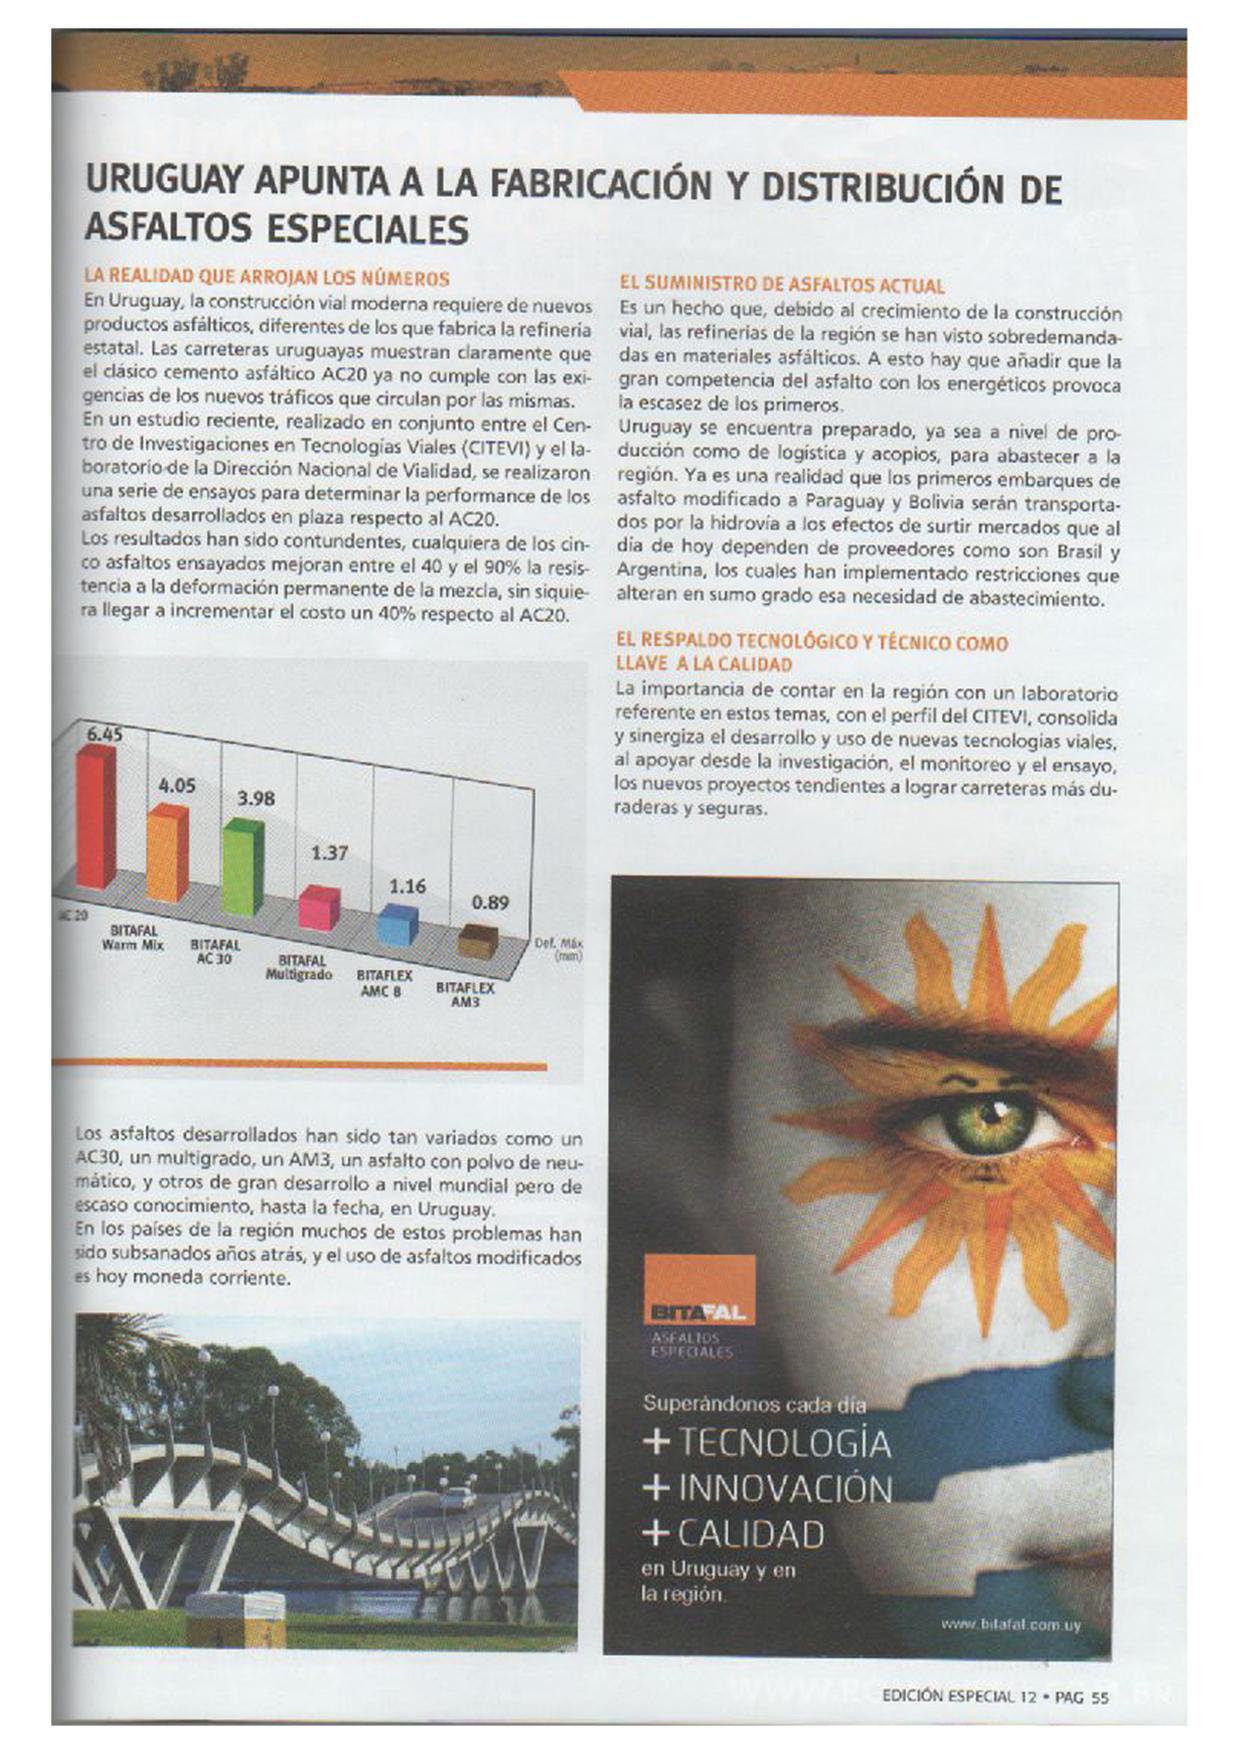 Uruguay apunta a la fabricación y distribución de asfaltos especiales